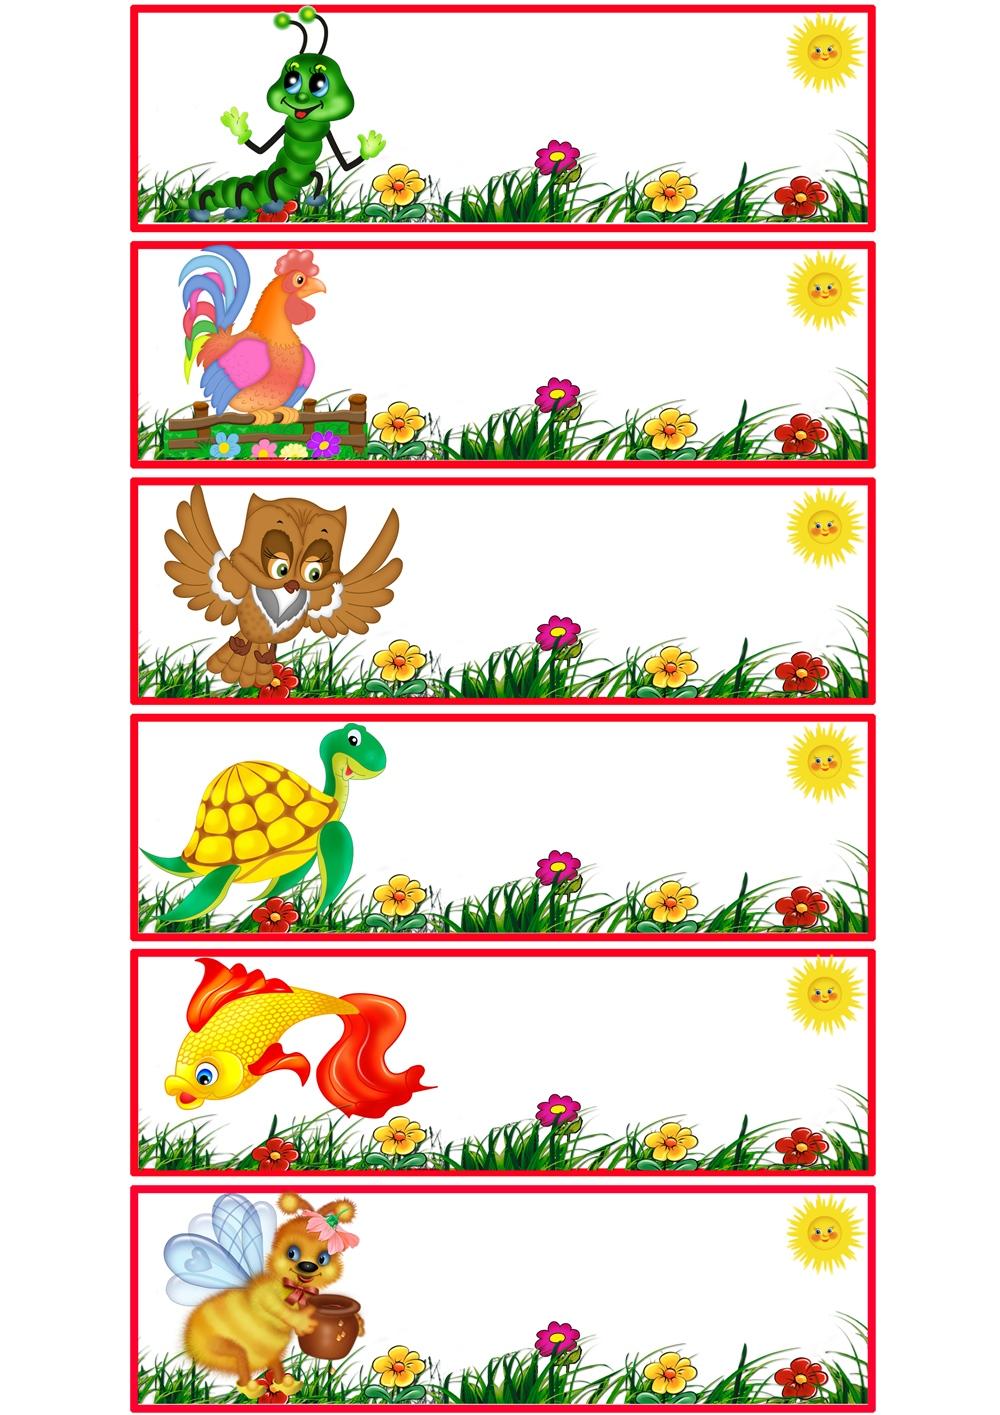 Картинки для надписи на шкафчики в детском саду